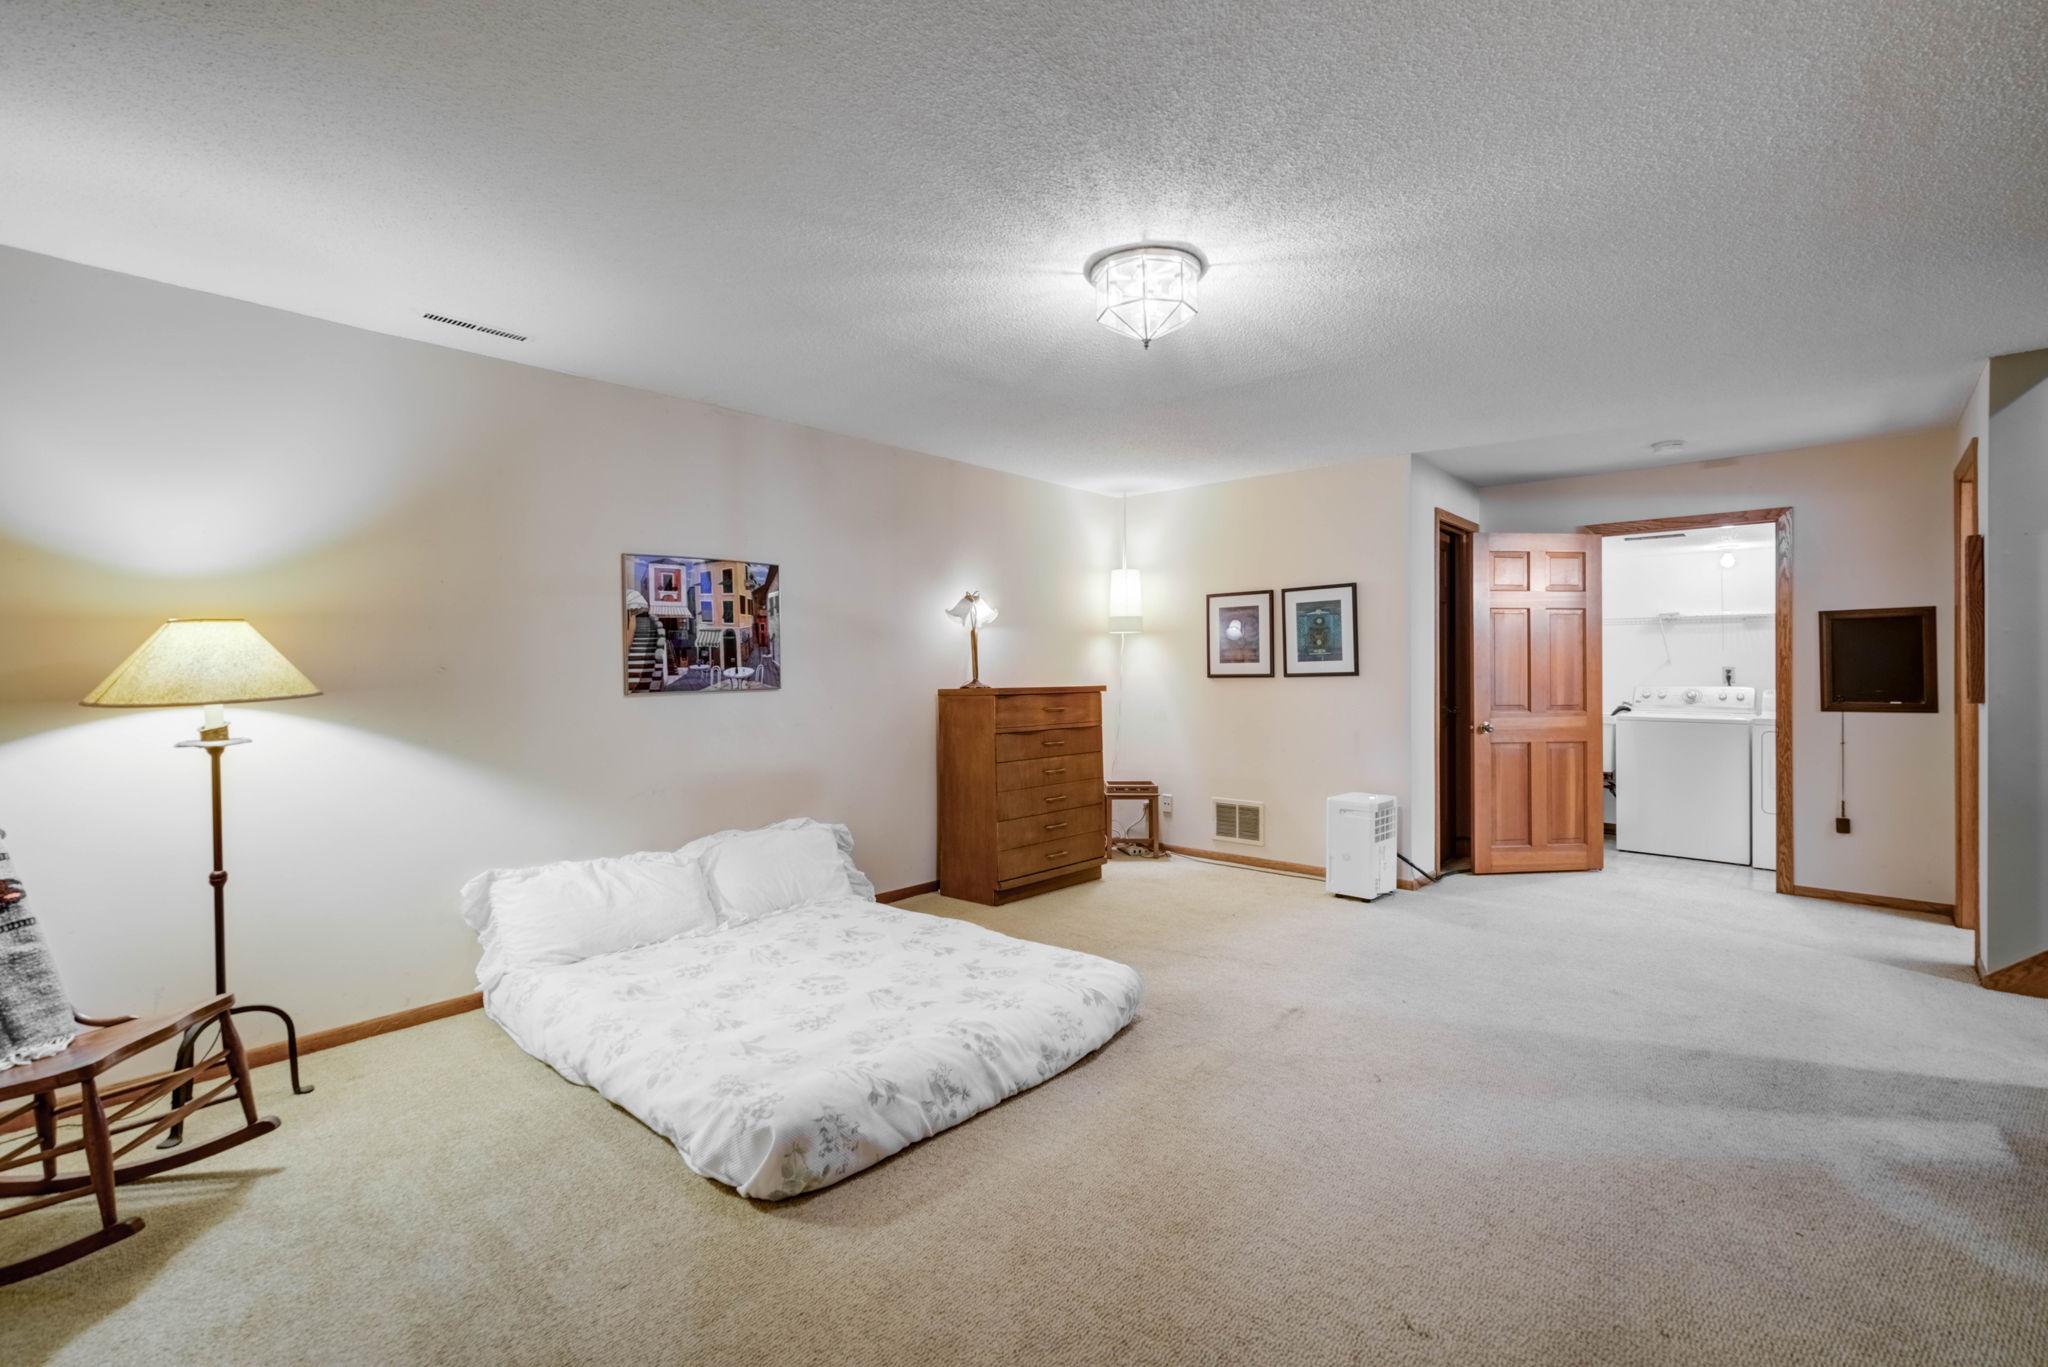 Family Room/Laundry Room